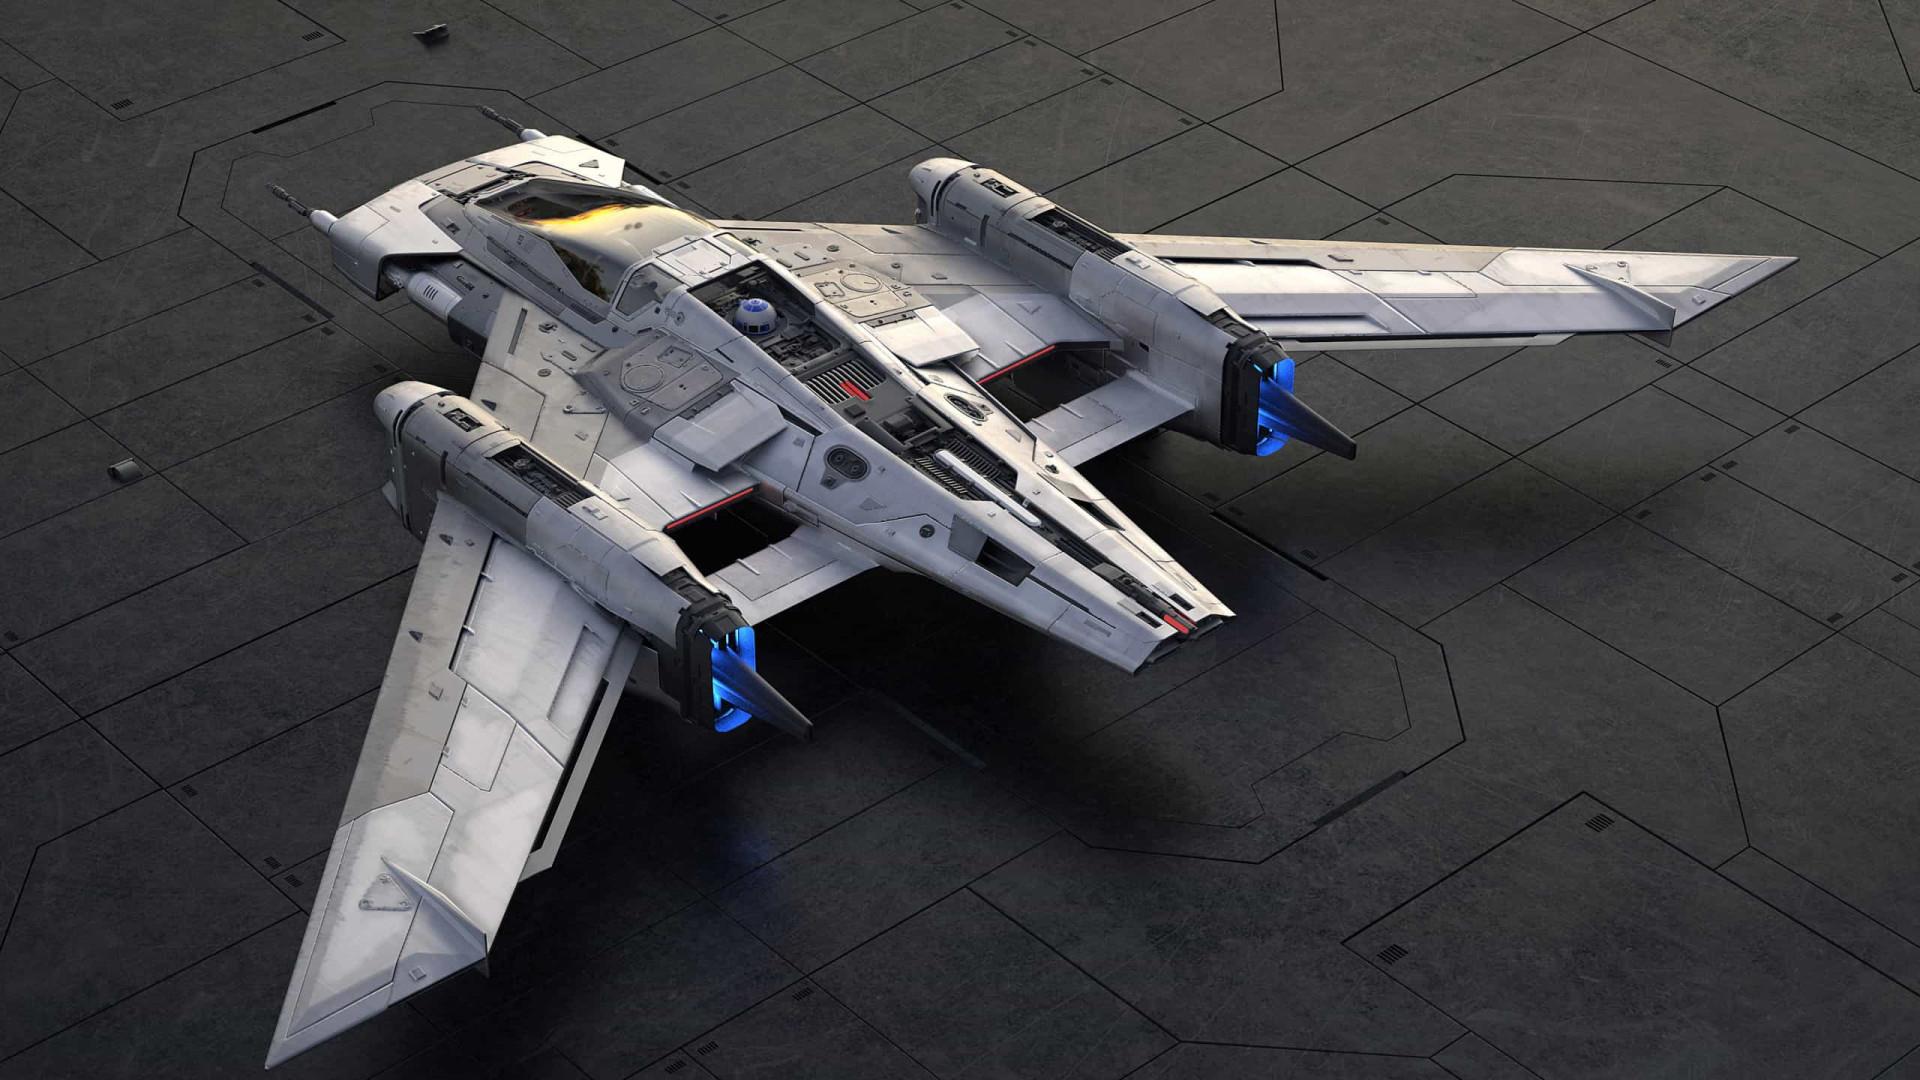 Porsche inspira-se em 'Star Wars' para criar nave de combate